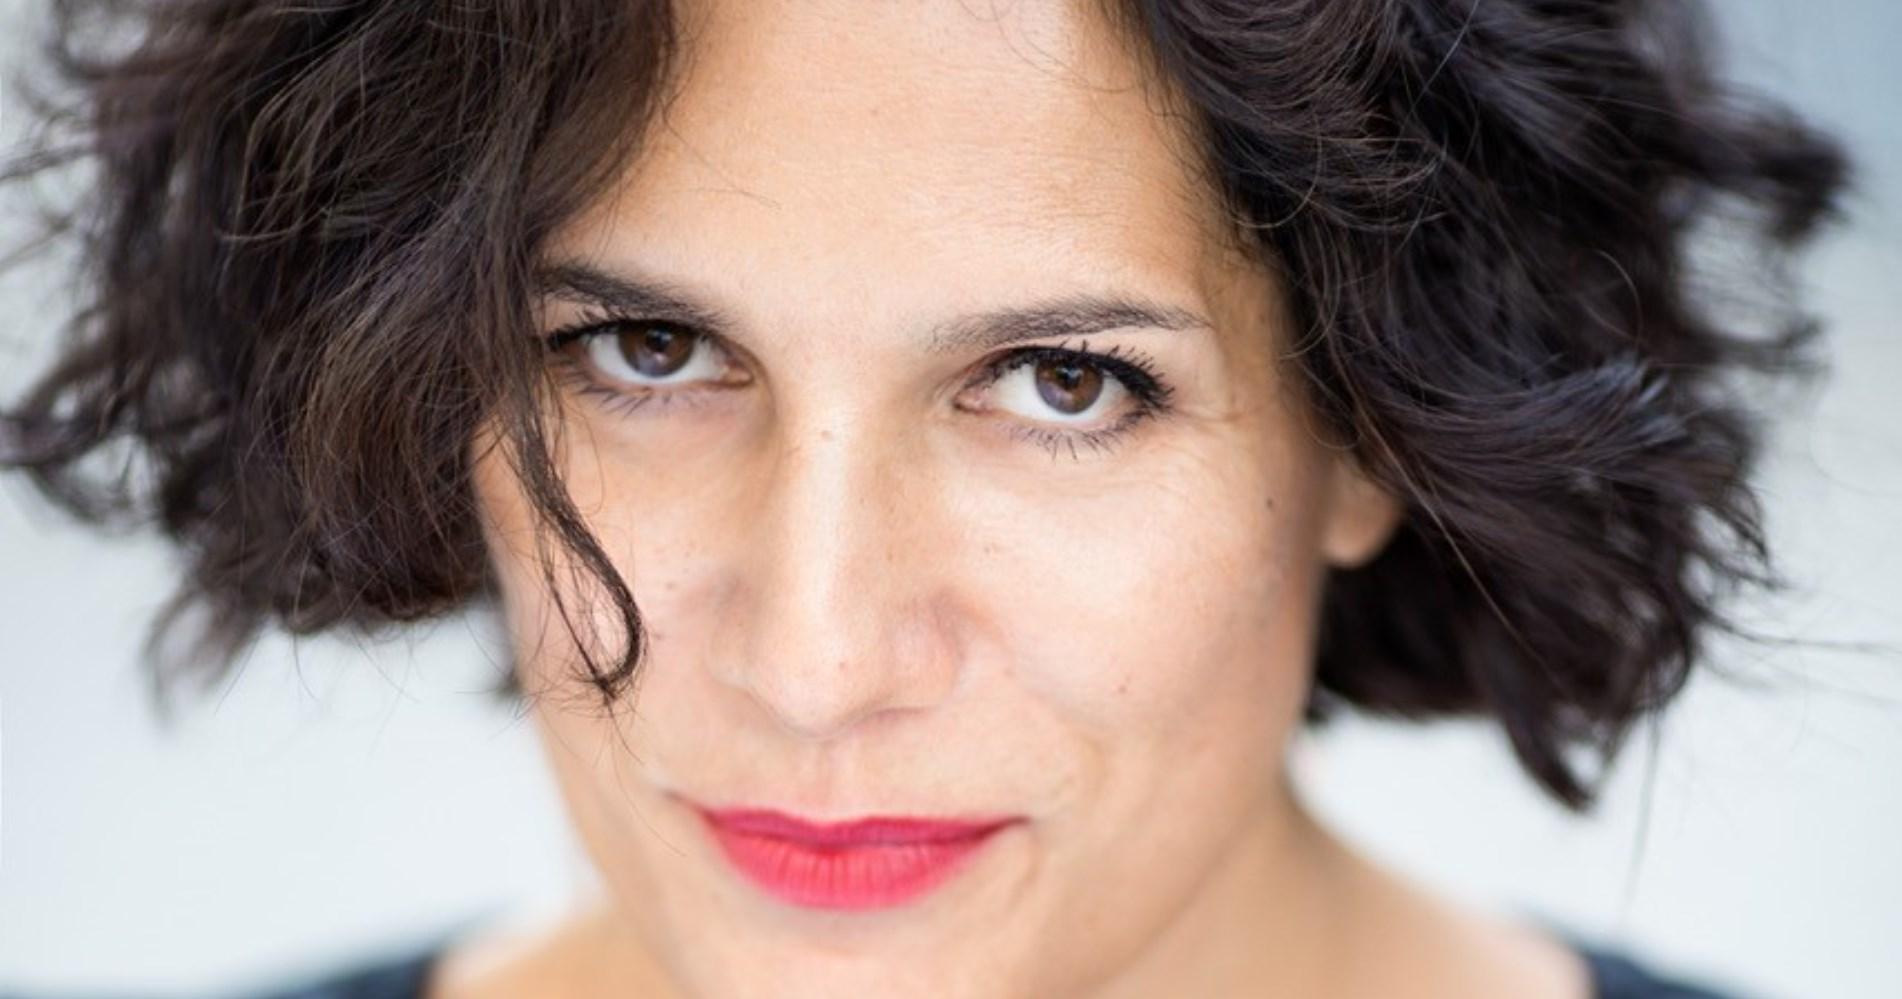 """<span class=""""entry-title-primary"""">Laura Luchetti vince il premio Ermanno Olmi 2020</span> <span class=""""entry-subtitle"""">La regista ottiene l'ambito premio per il suo film, """"Fiore Gemello"""", che sta ricevendo tantissimi consensi in giro per il mondo.</span>"""